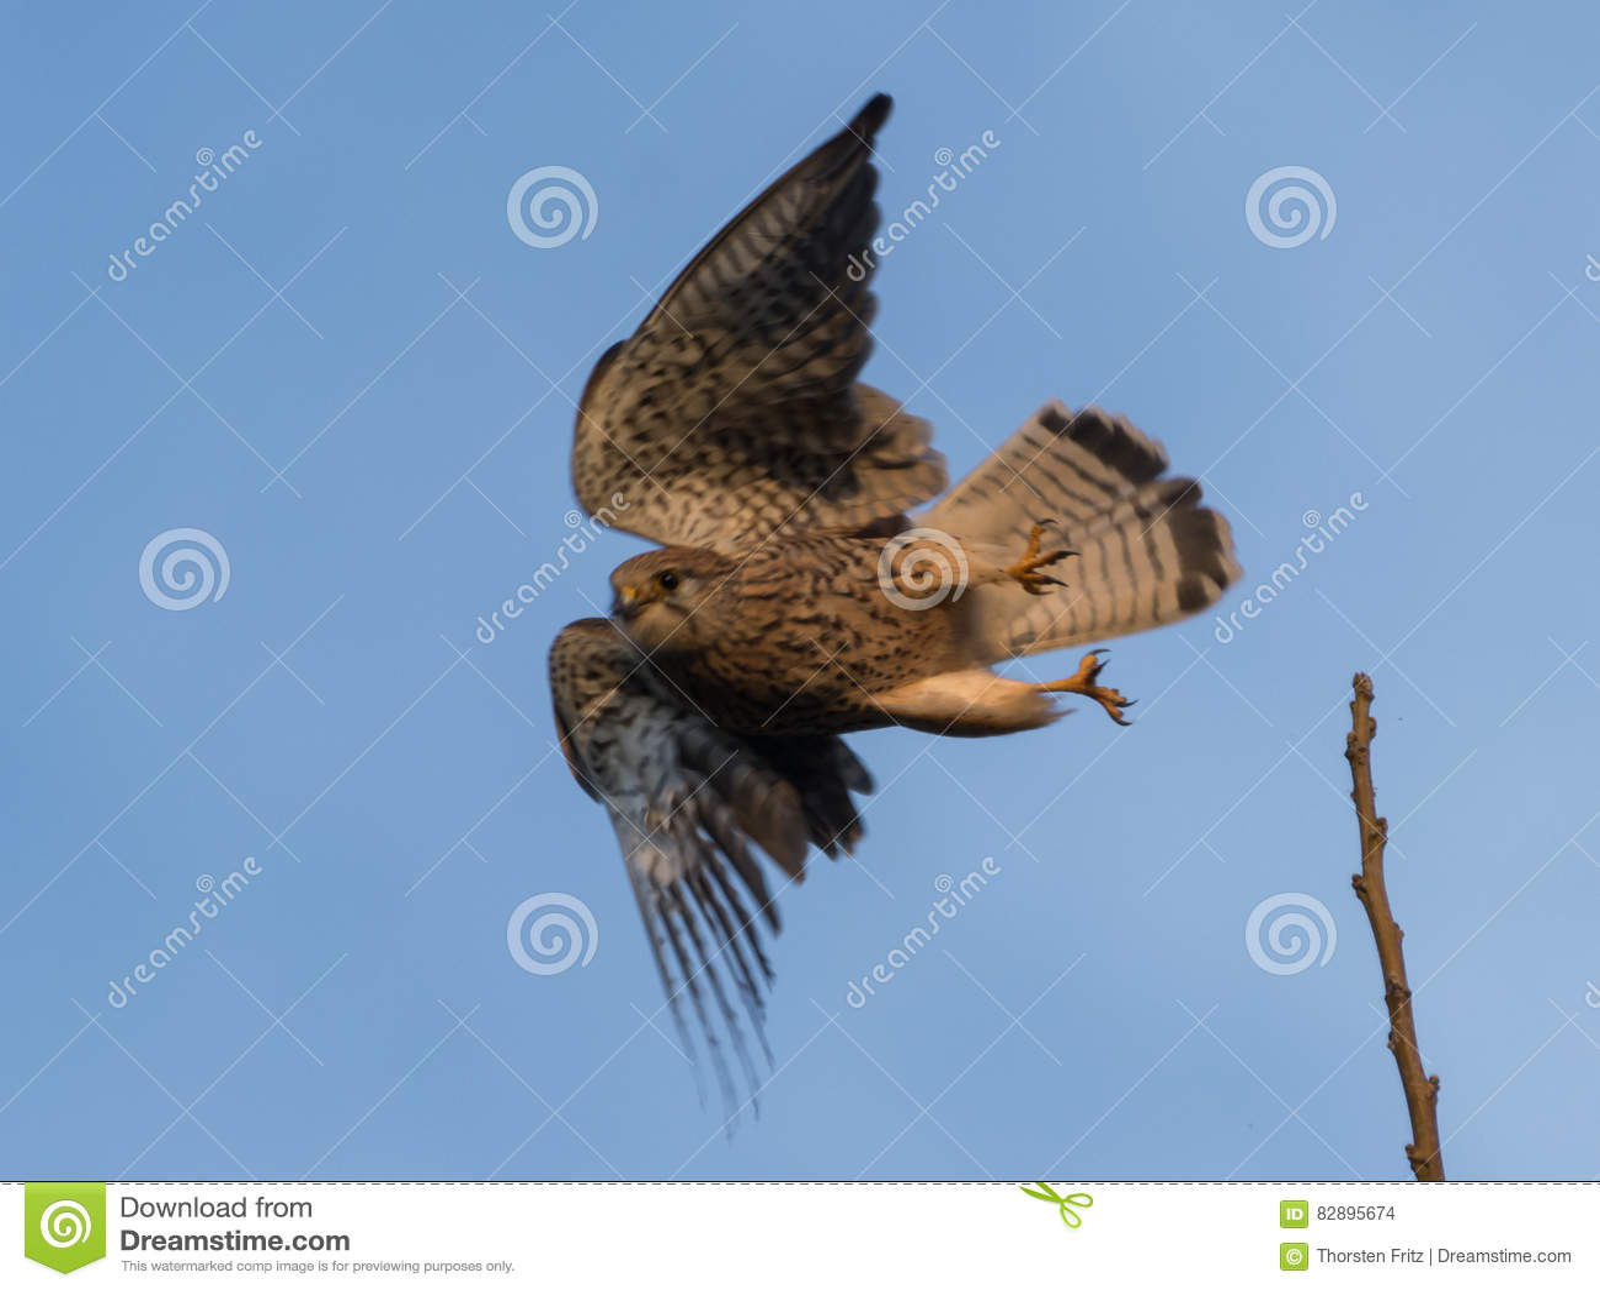 El halcón está sacando